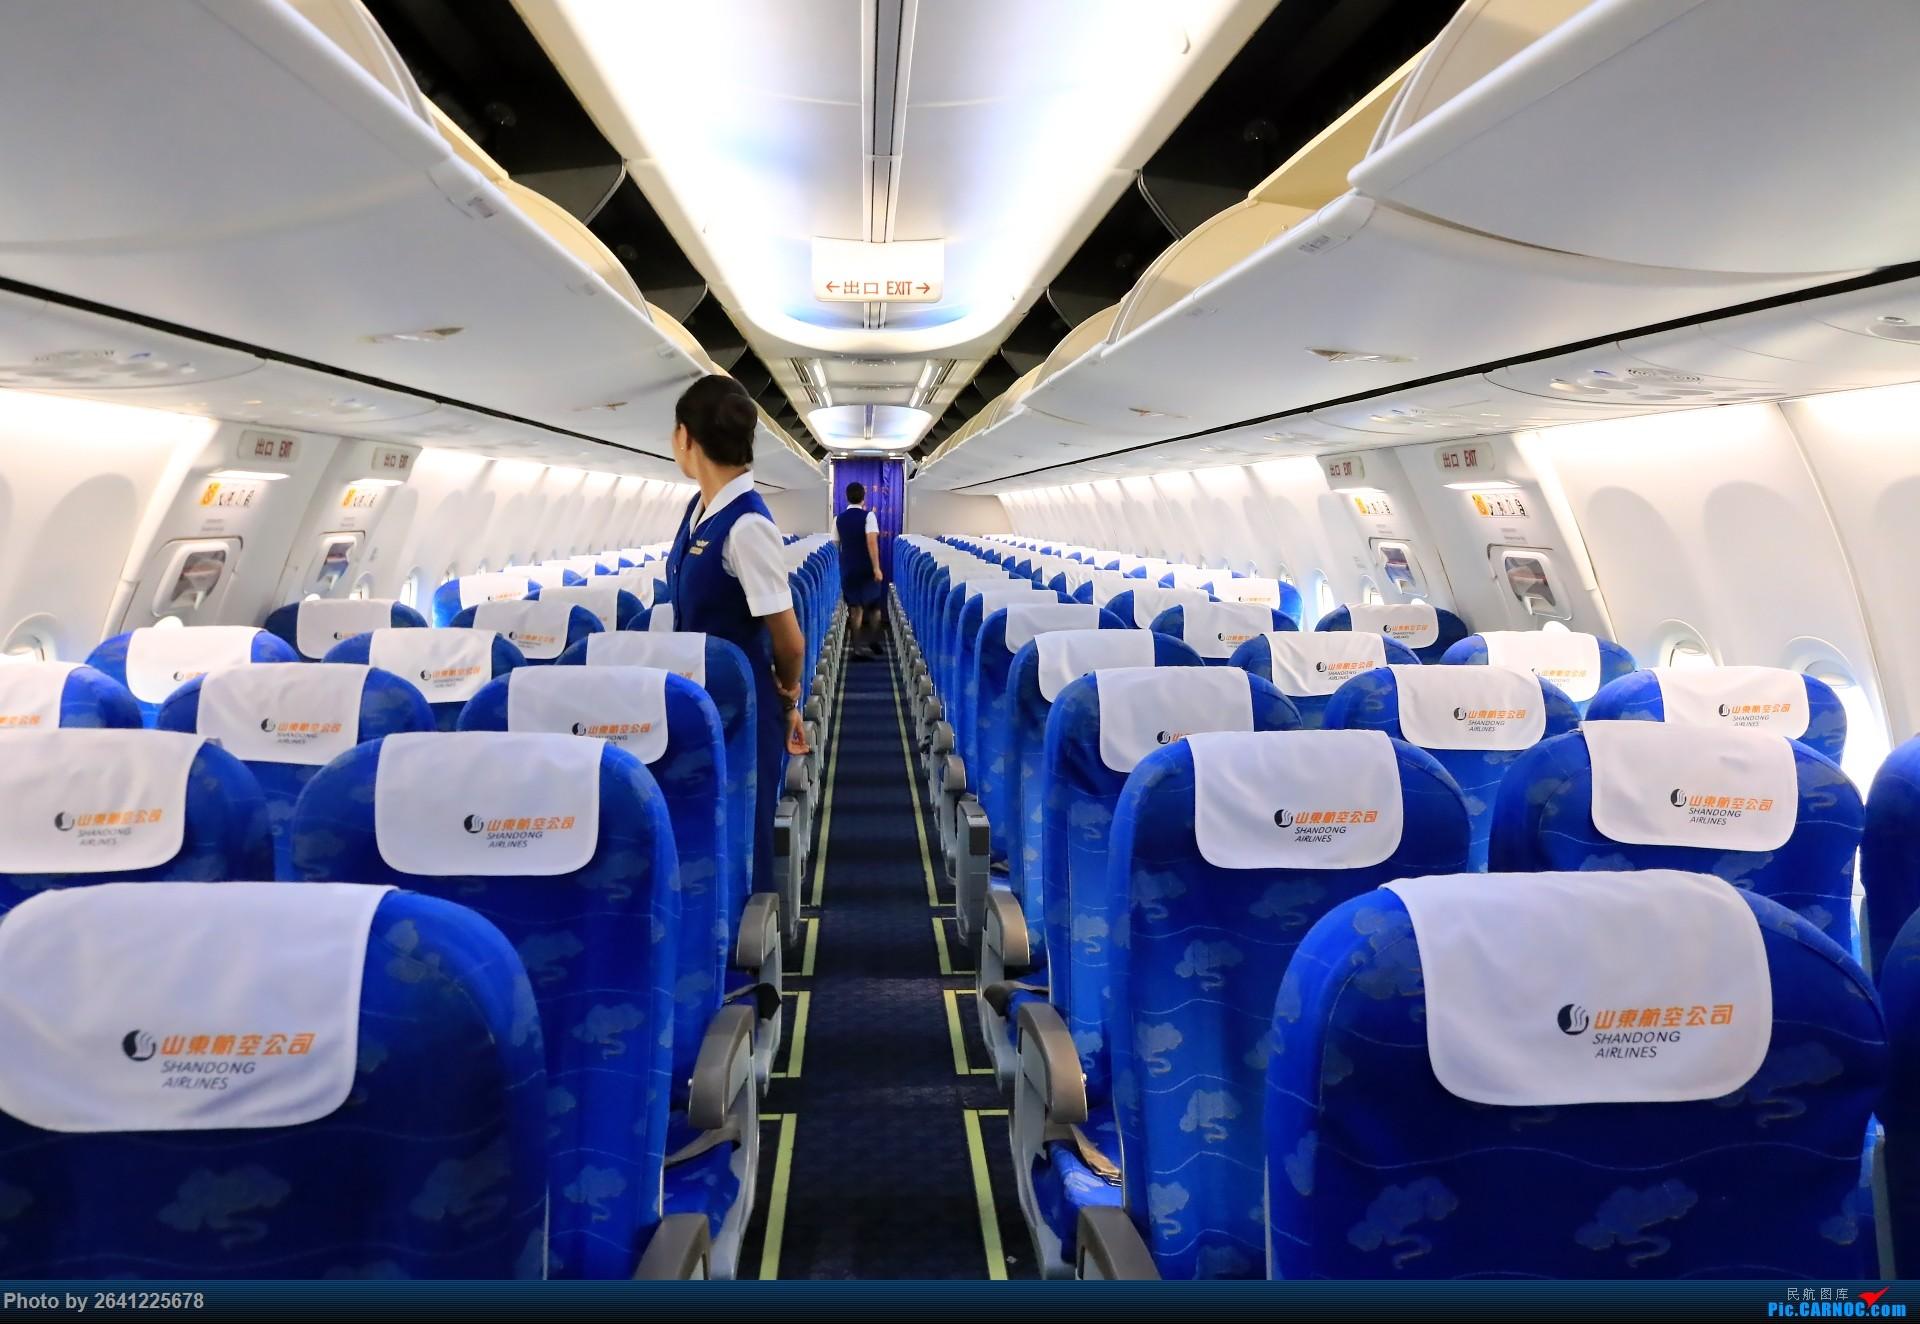 Re:[原创]【小周游记第3集】草原茫茫天地间,洁白的蒙古包散落在河边——内蒙古5天4飞半自由行(宽体与支线客机初体验)有flight log和驾驶舱哦(正在更新) BOEING 737-800 B-5627 中国海拉尔东山机场